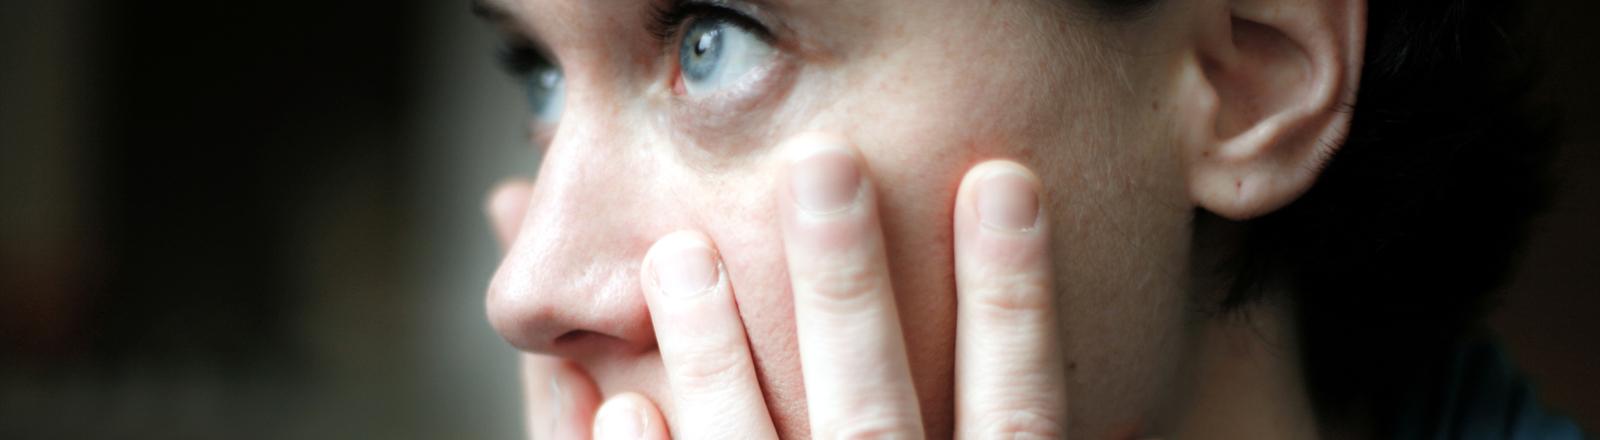 Ein Frau mit Händen vor dem Gesicht